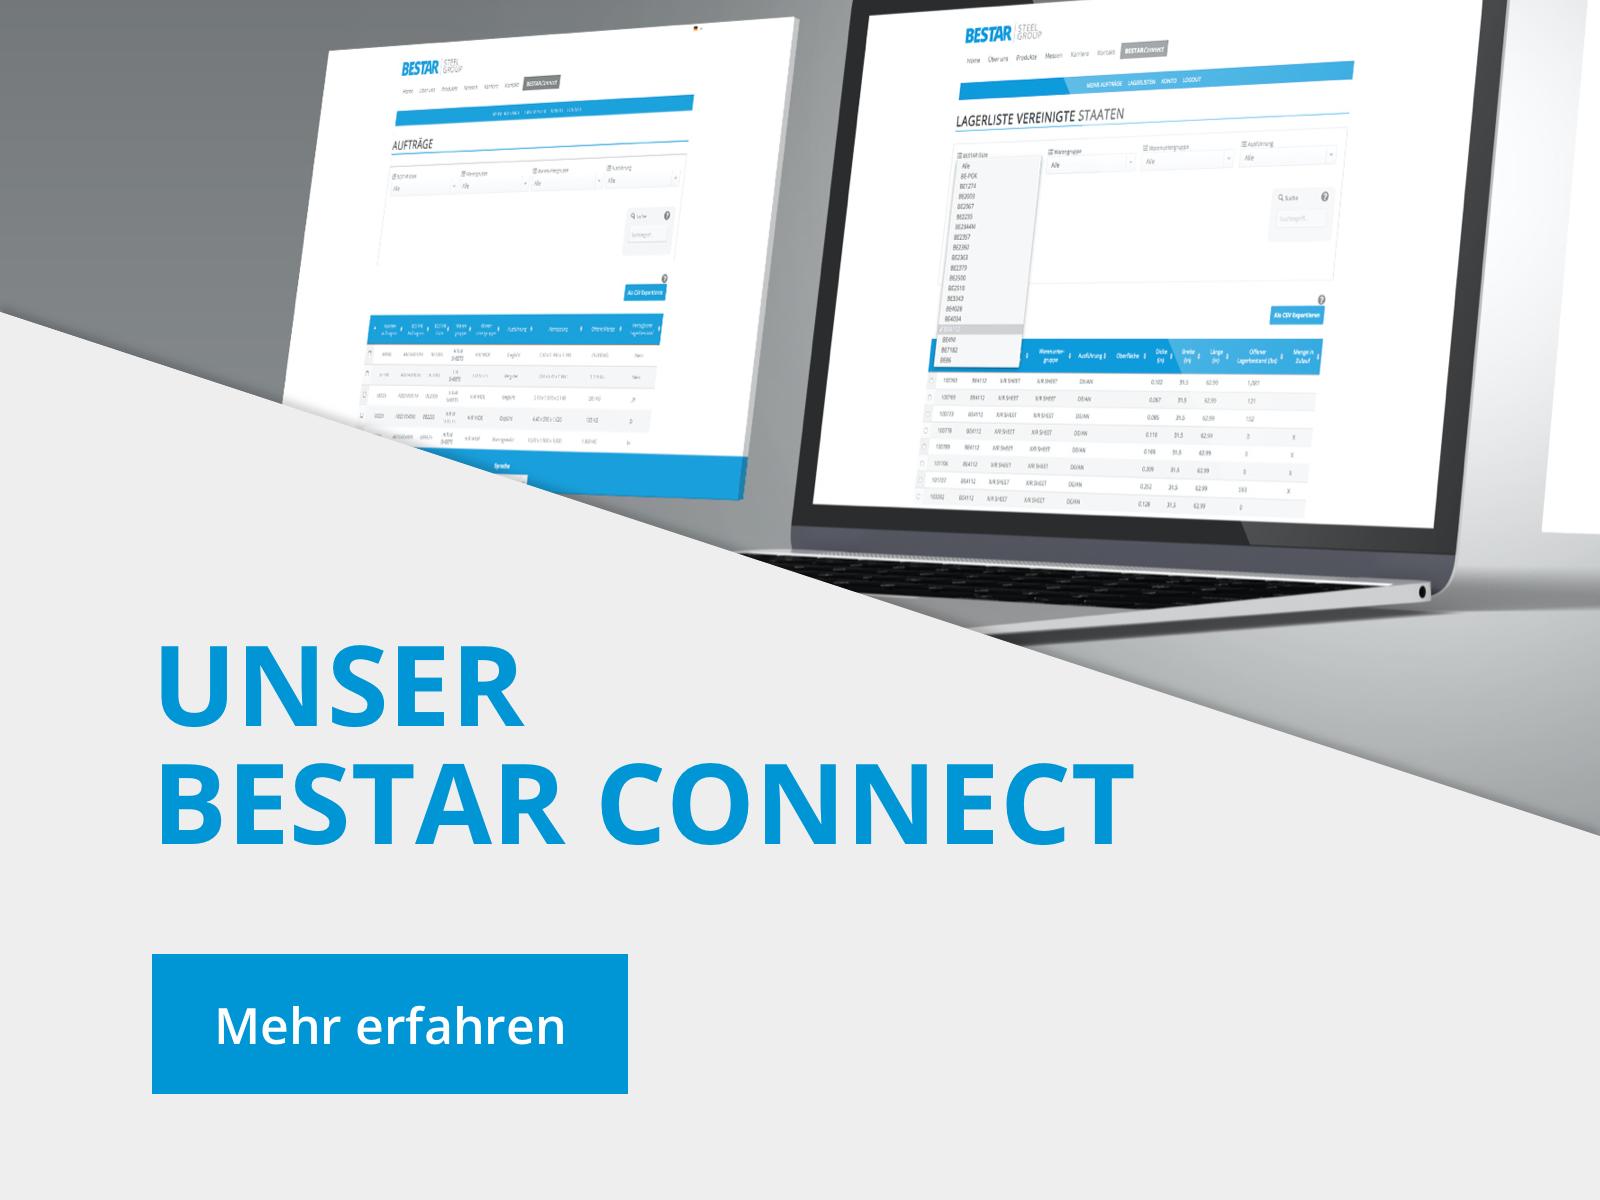 Unser BESTAR CONNECT